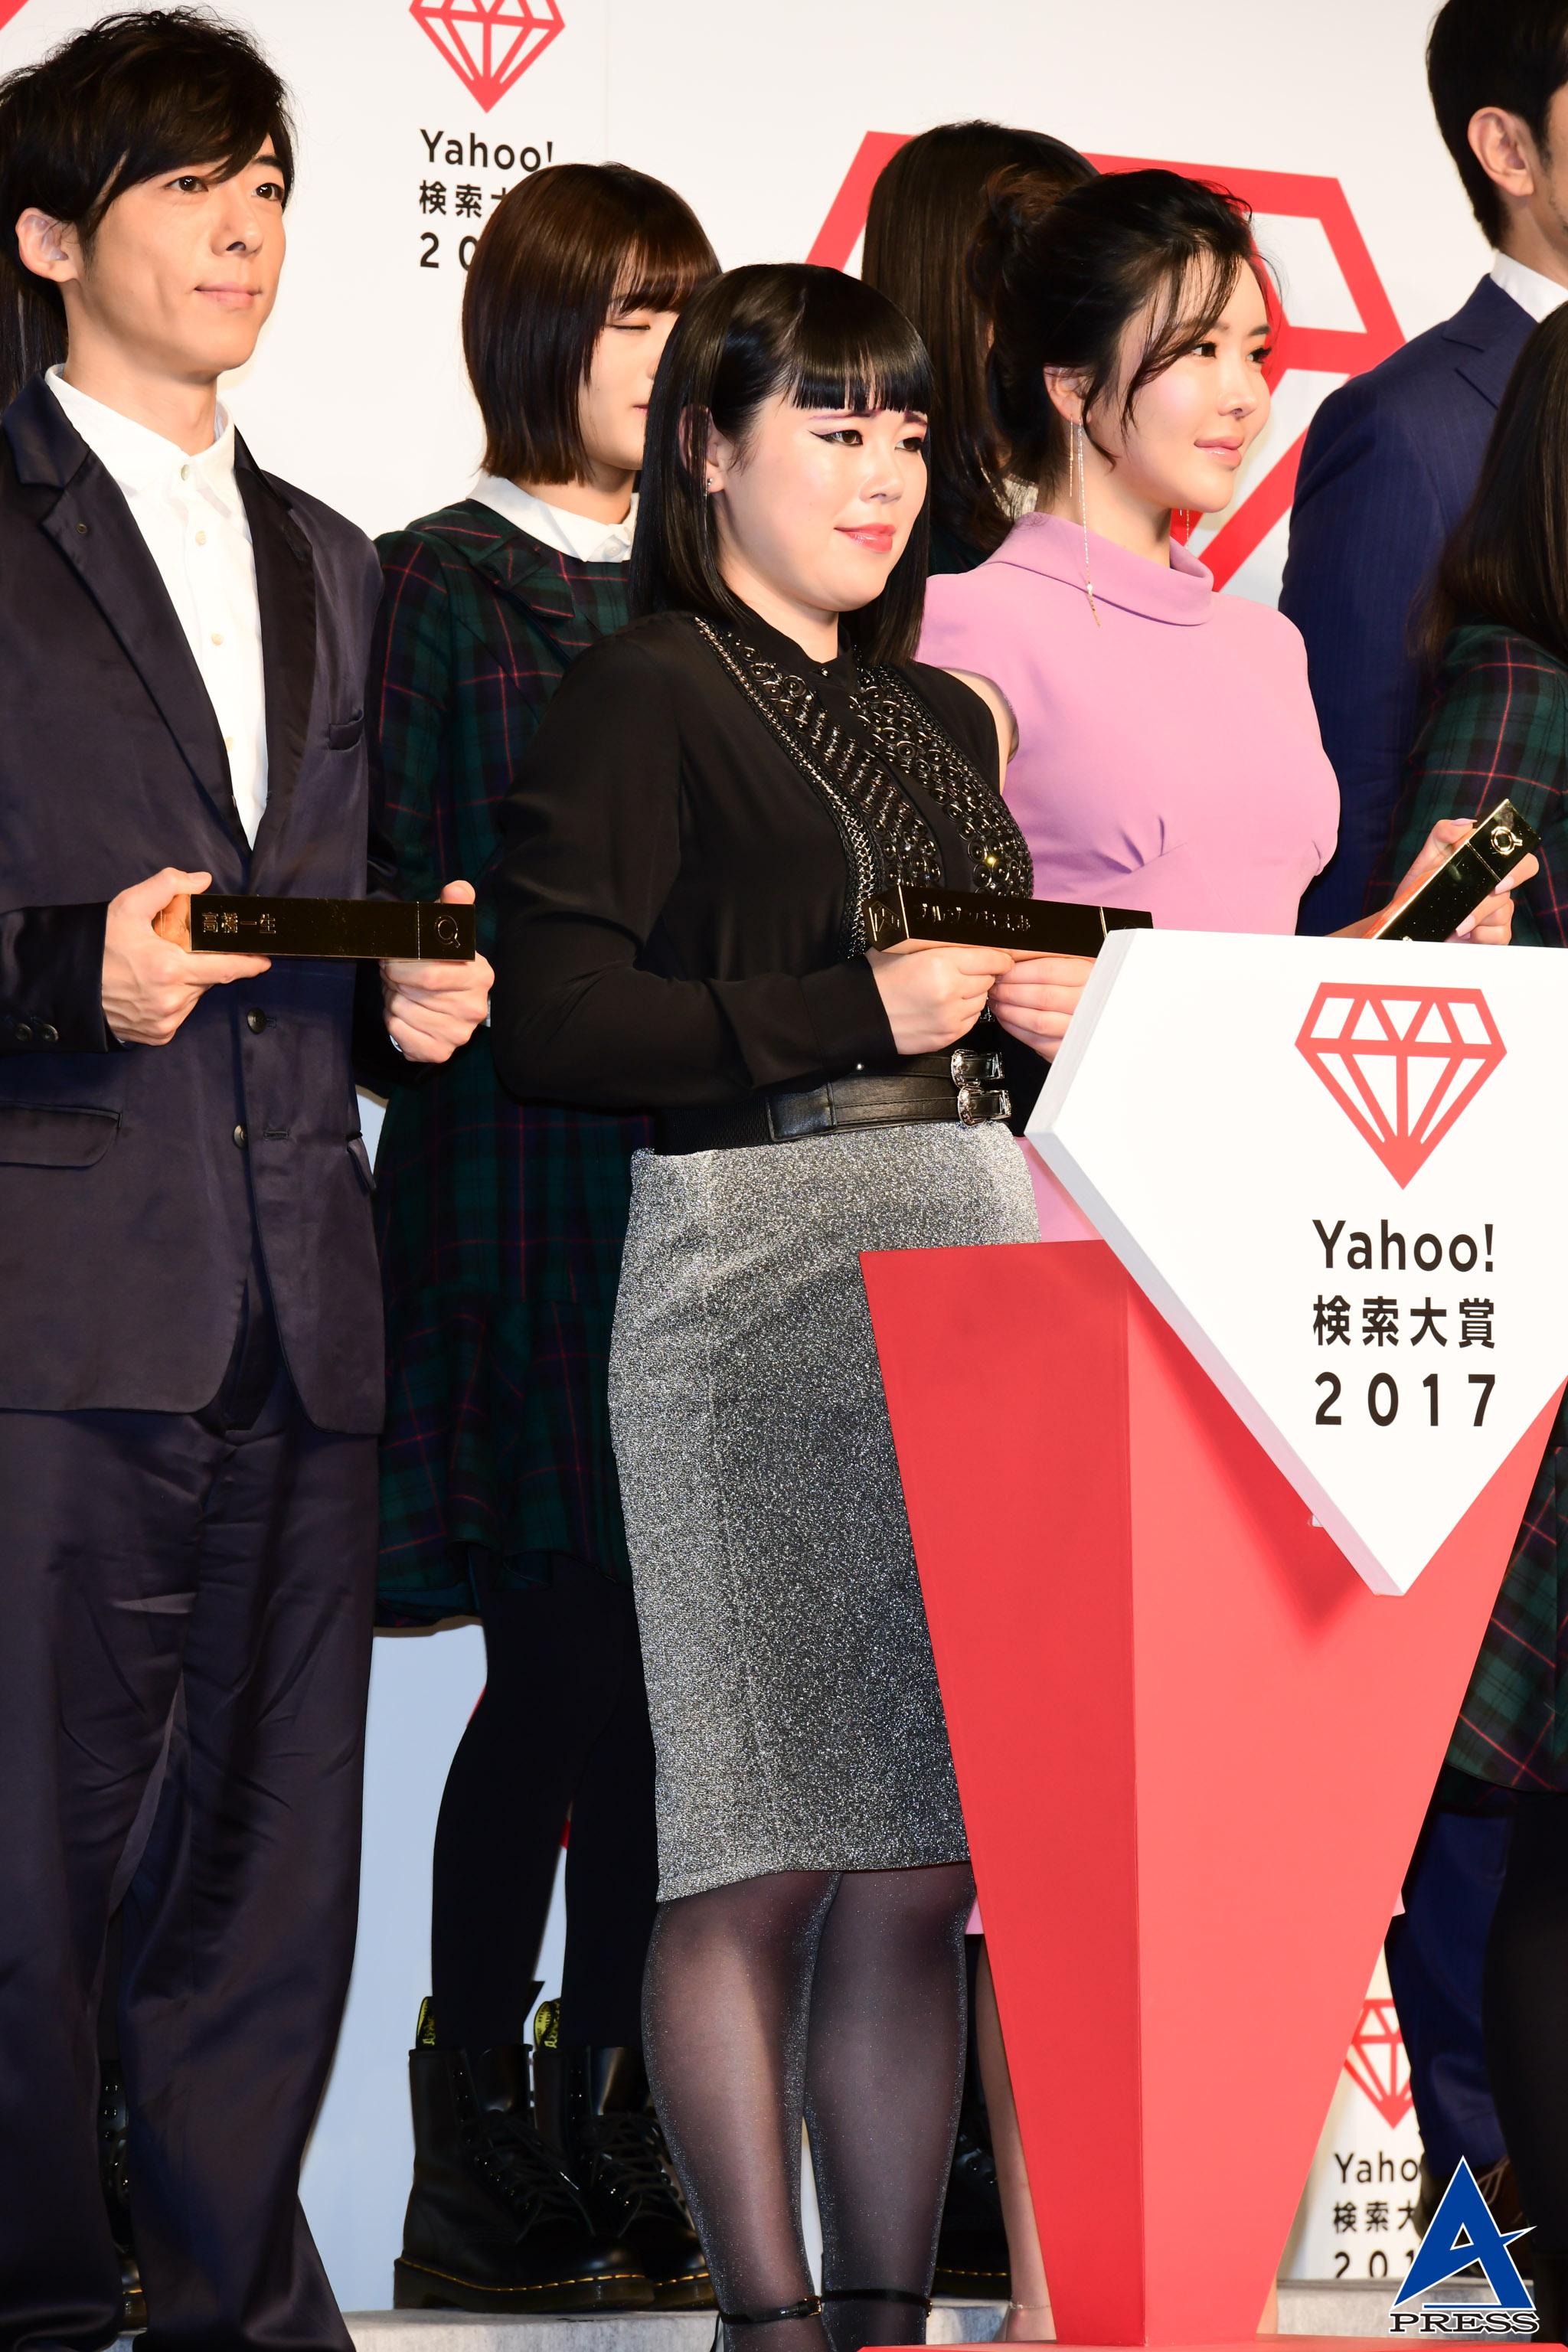 Yahoo!検索大賞-1164